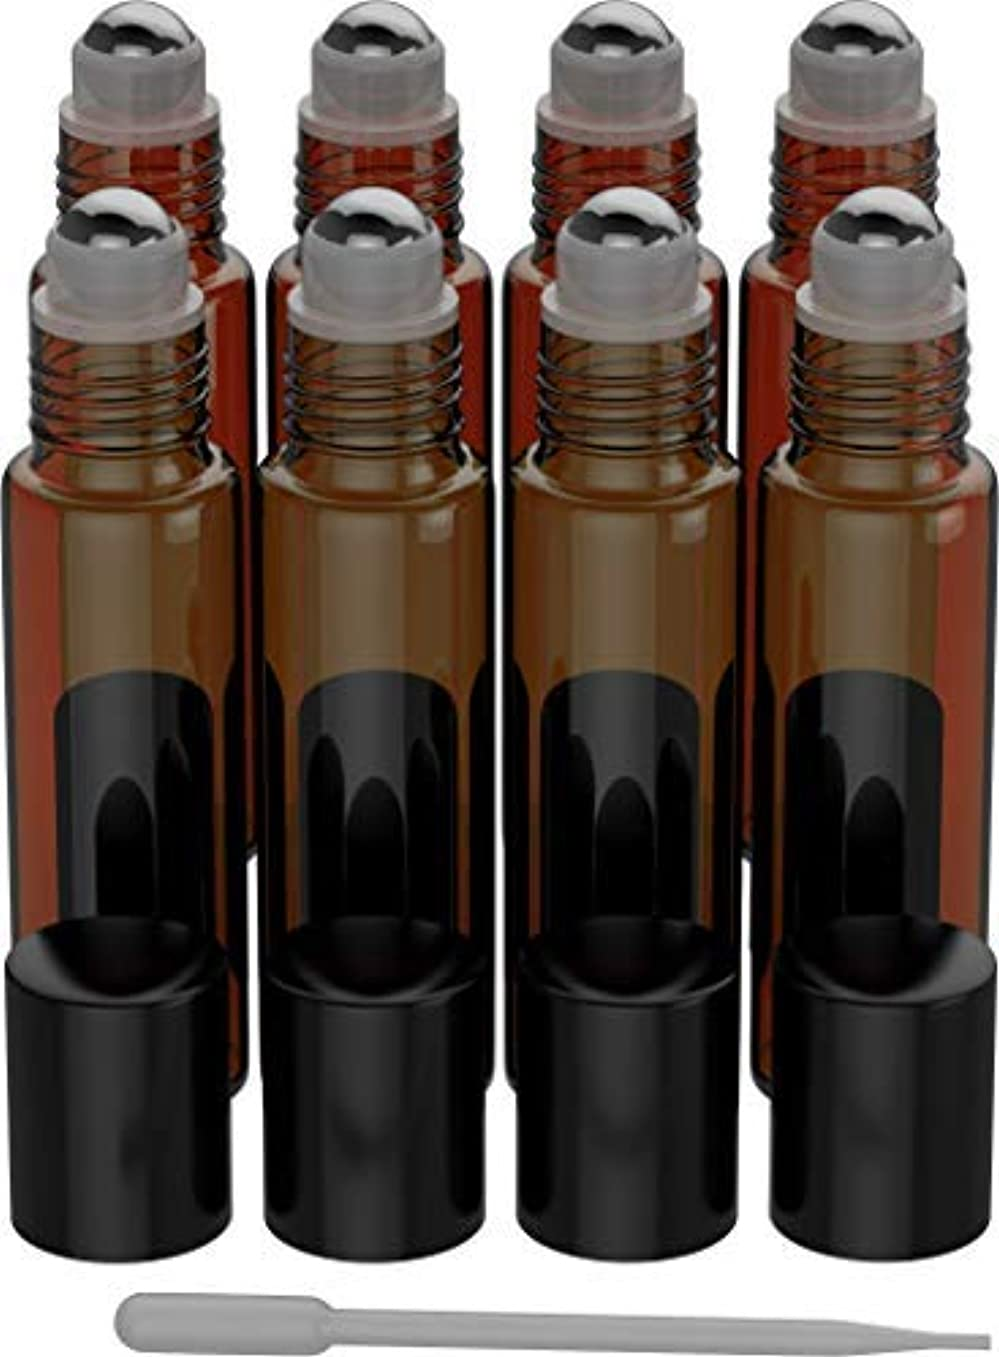 マトン同行反抗8 Pack - Essential Oil Roller Bottles [Metal Chrome Roller Ball] FREE Plastic Pippette Refillable Glass Color...